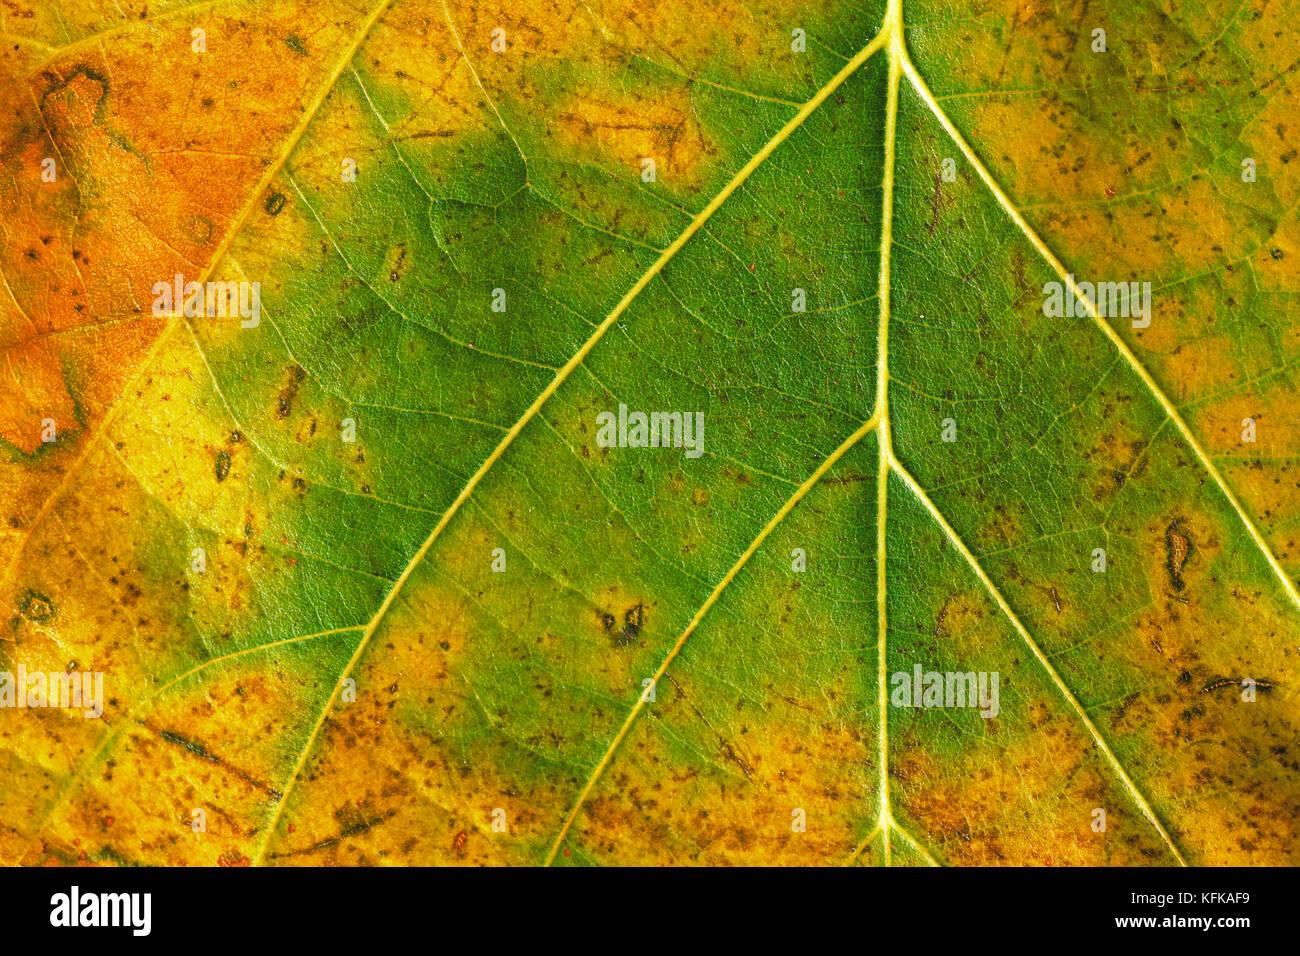 La textura de una hoja de otoño verde y amarillo Foto de stock